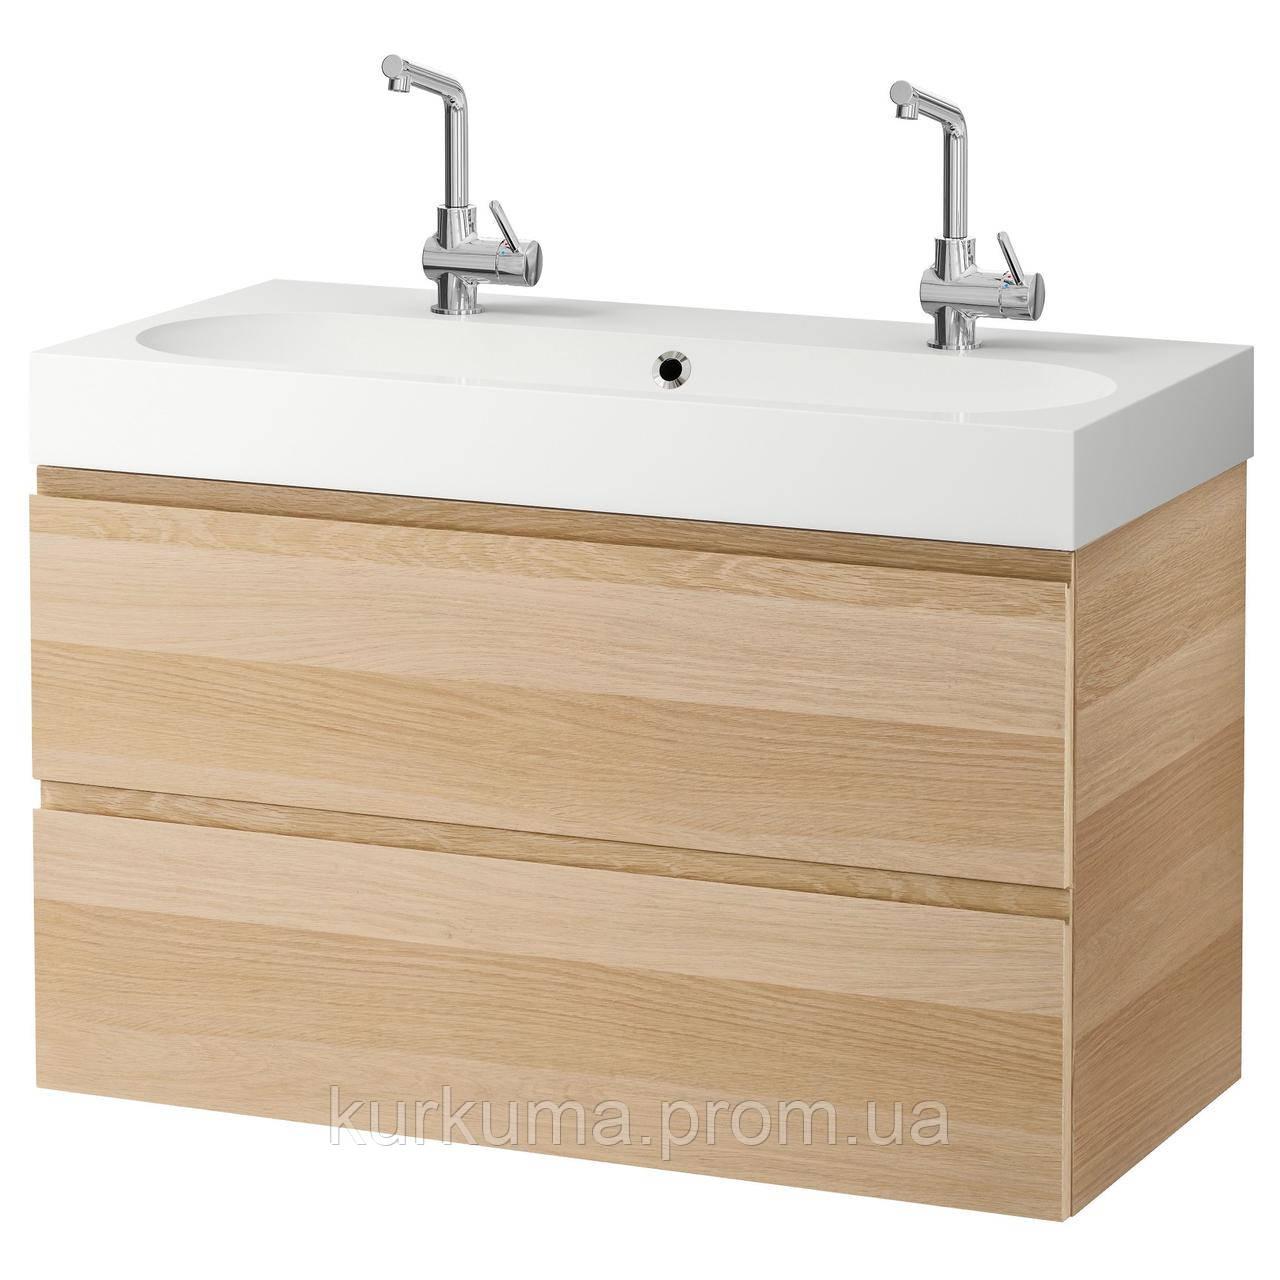 IKEA GODMORGON/BRAVIKEN Шкаф под умывальник с раковиной, дуб окрашенный в белый цвет  (991.865.27)